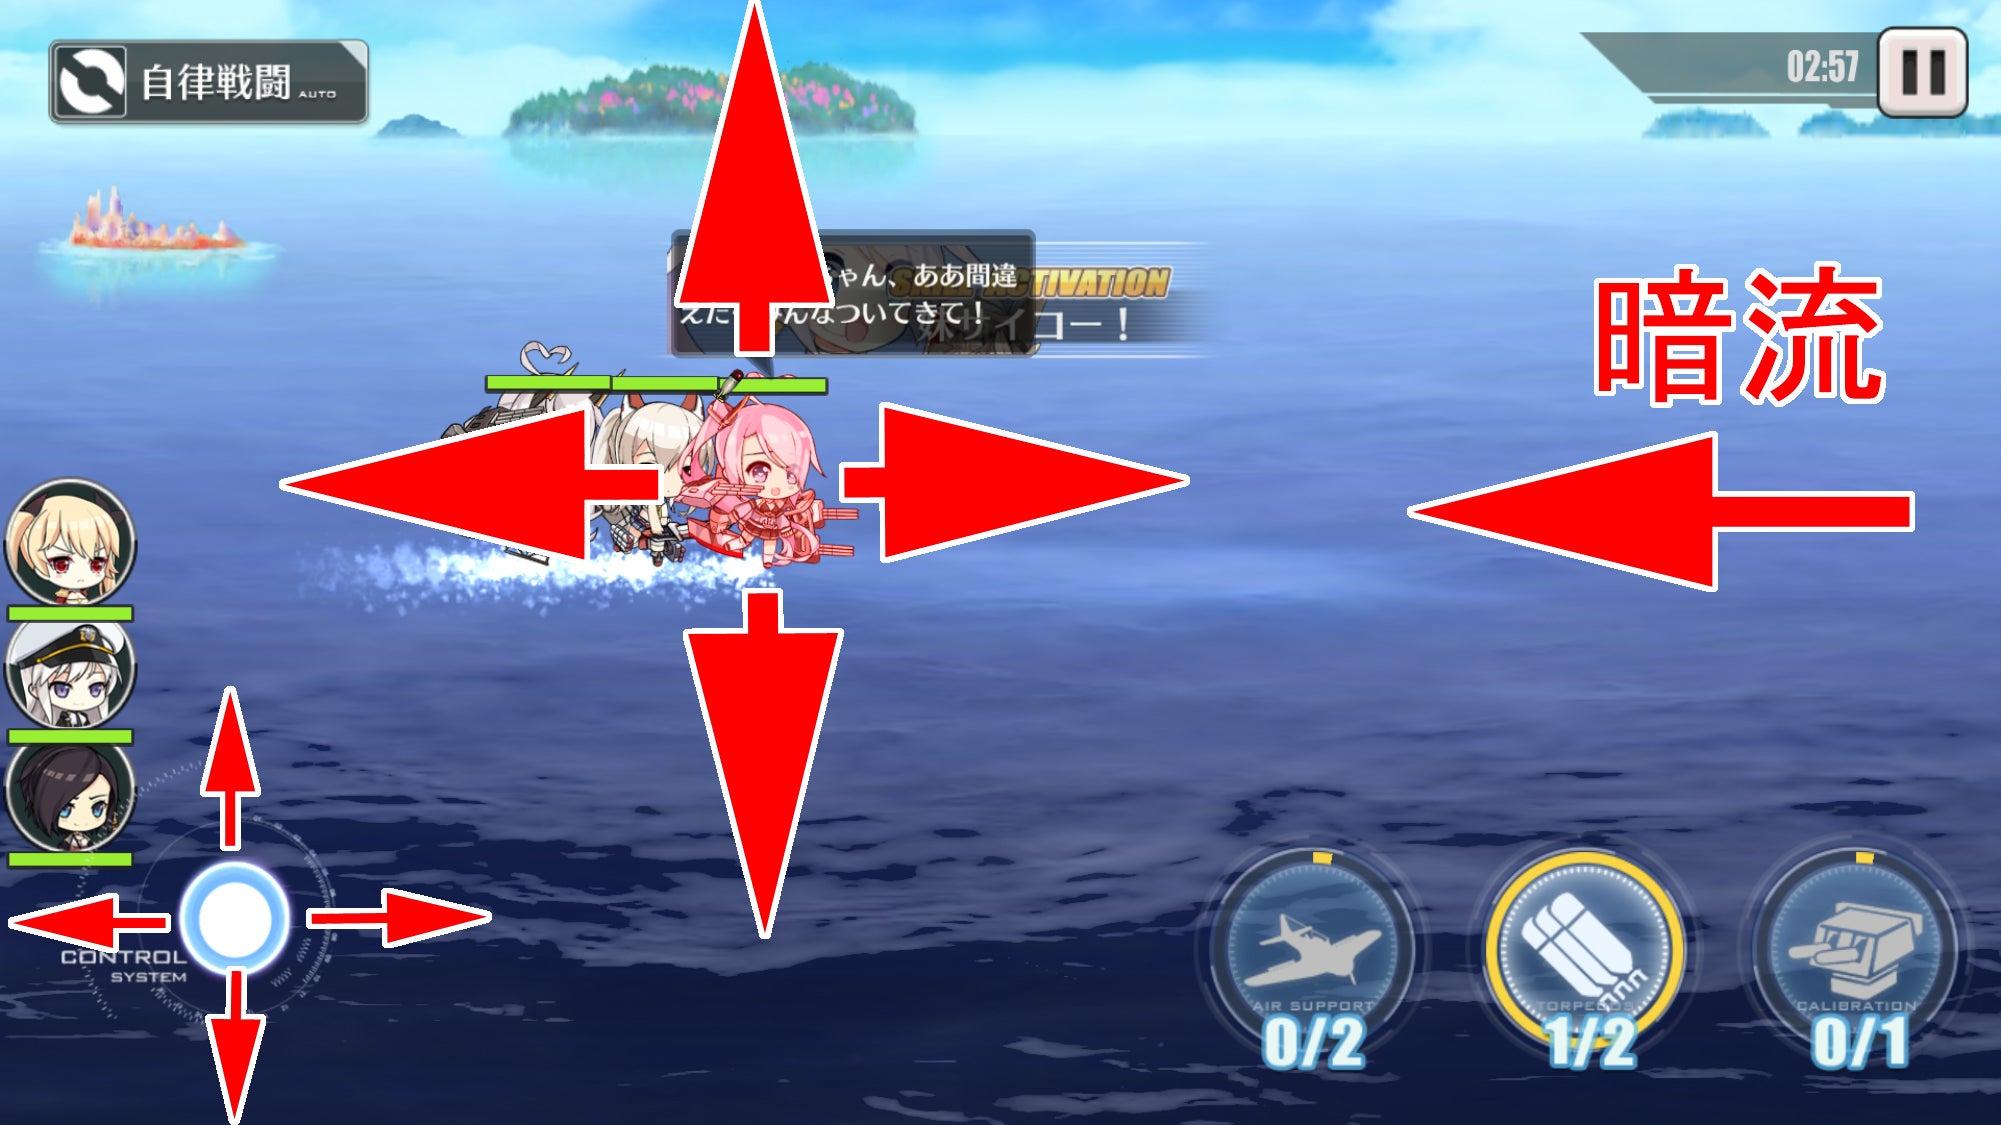 戦闘時の操作方法の画像